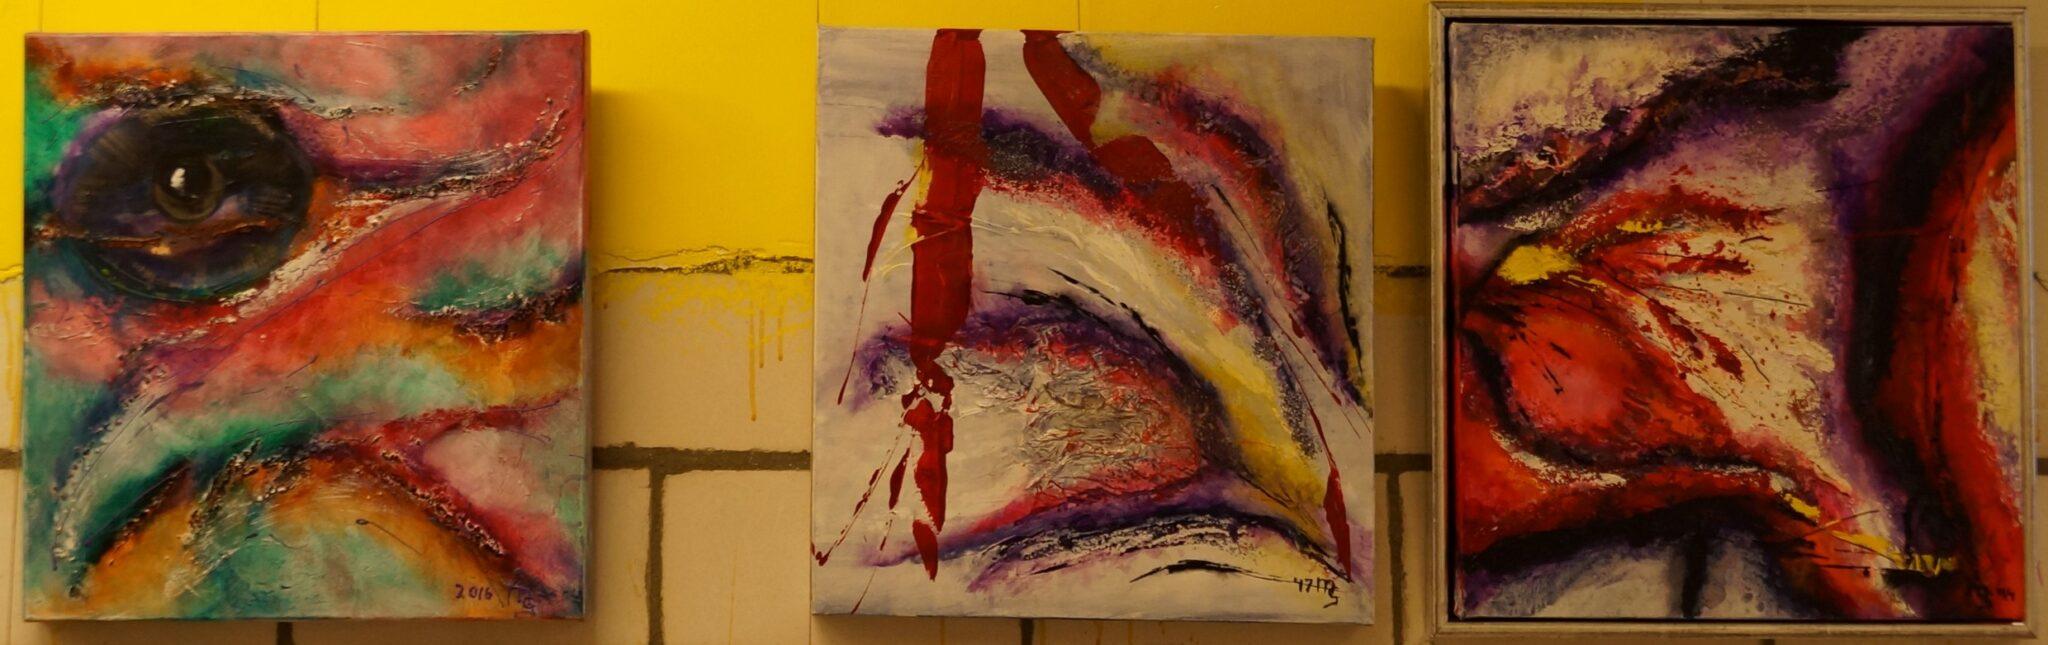 Schilderen-Expo2020-11-scaled